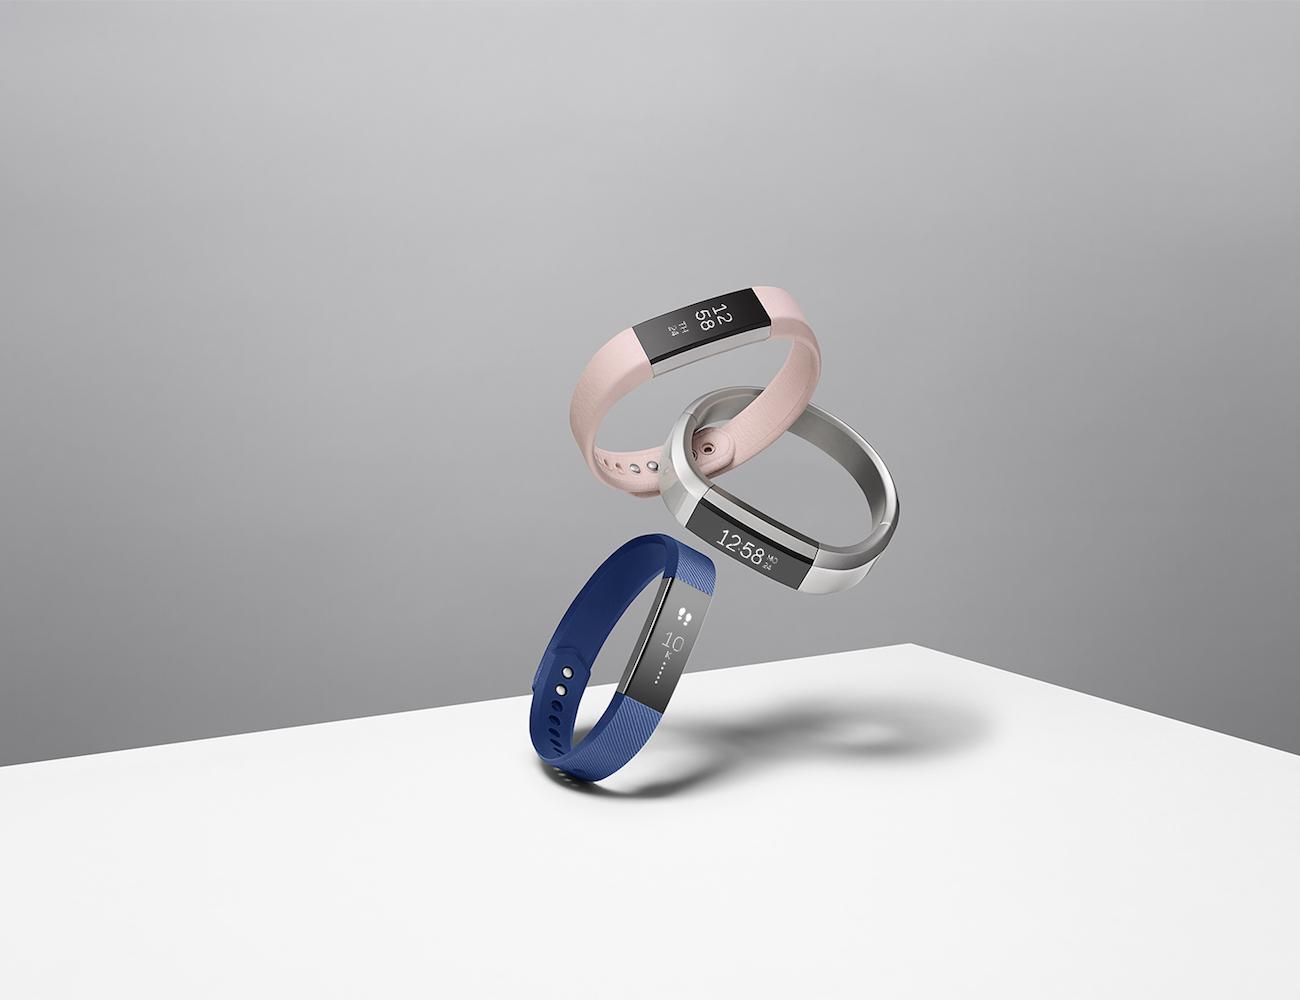 fitbit-alta-fitness-tracker-02